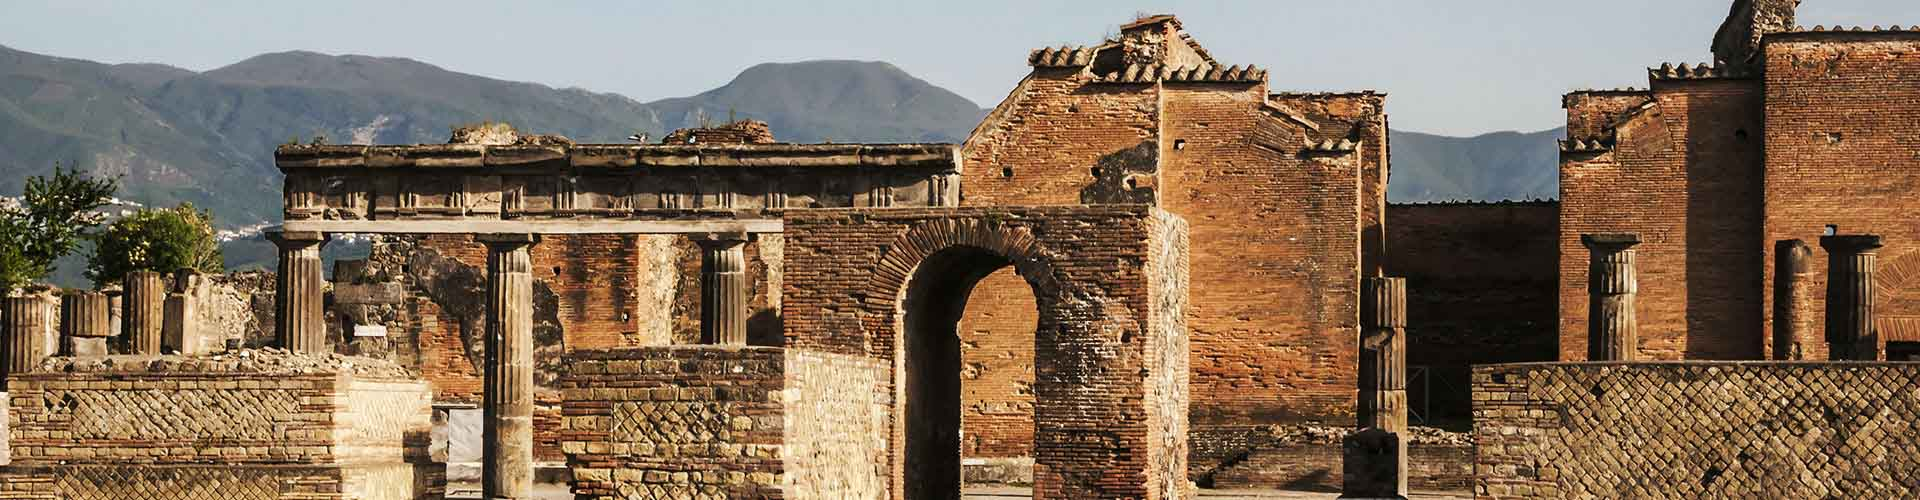 Pompeya - Hostales en Pompeya. Mapas de Pompeya, Fotos y comentarios de cada Hostal en Pompeya.